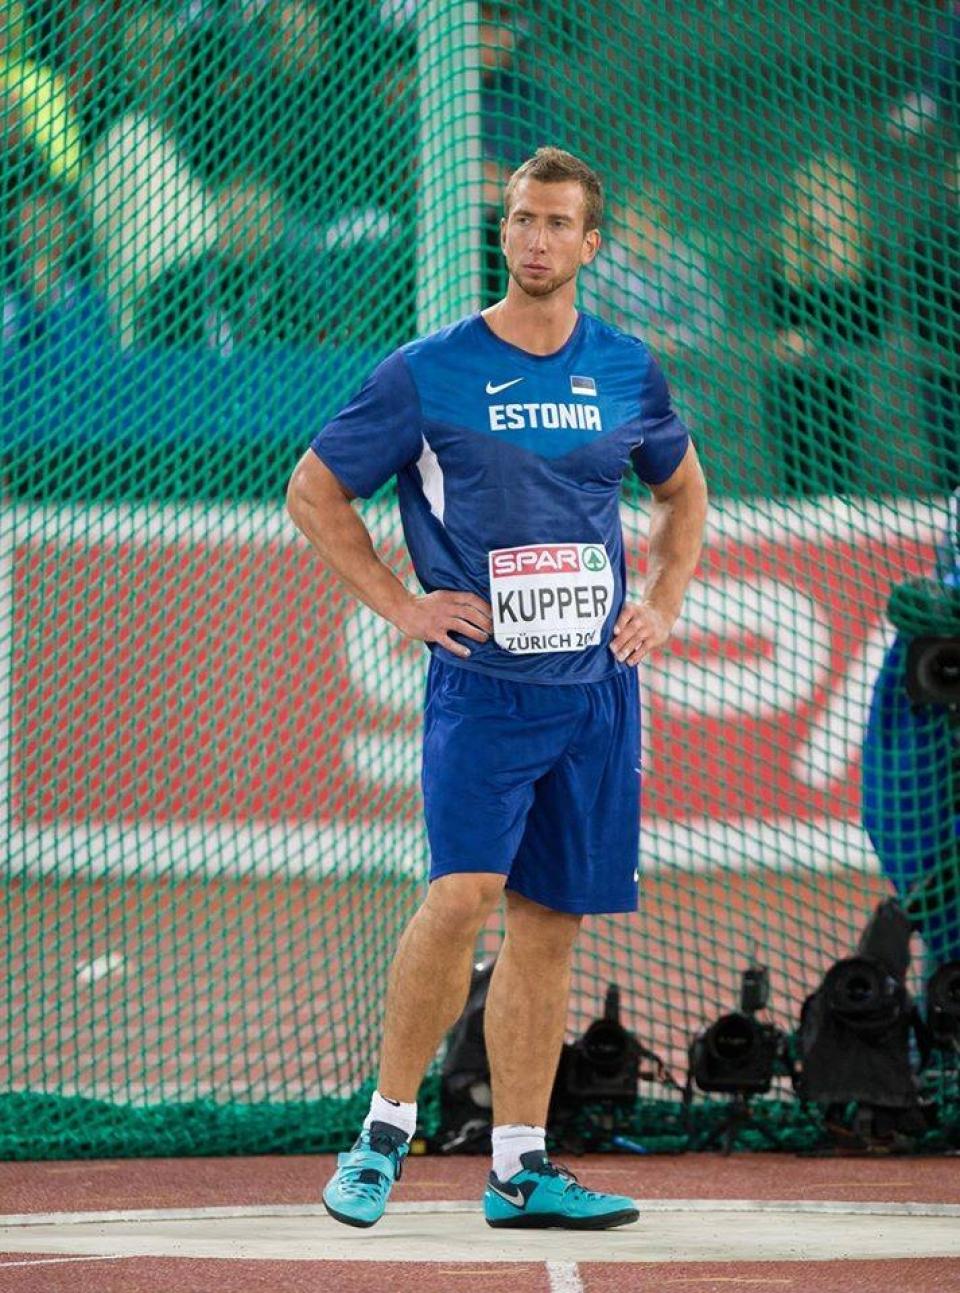 Martin Kupper Zürichin EM-kilpailuissa v. 2014